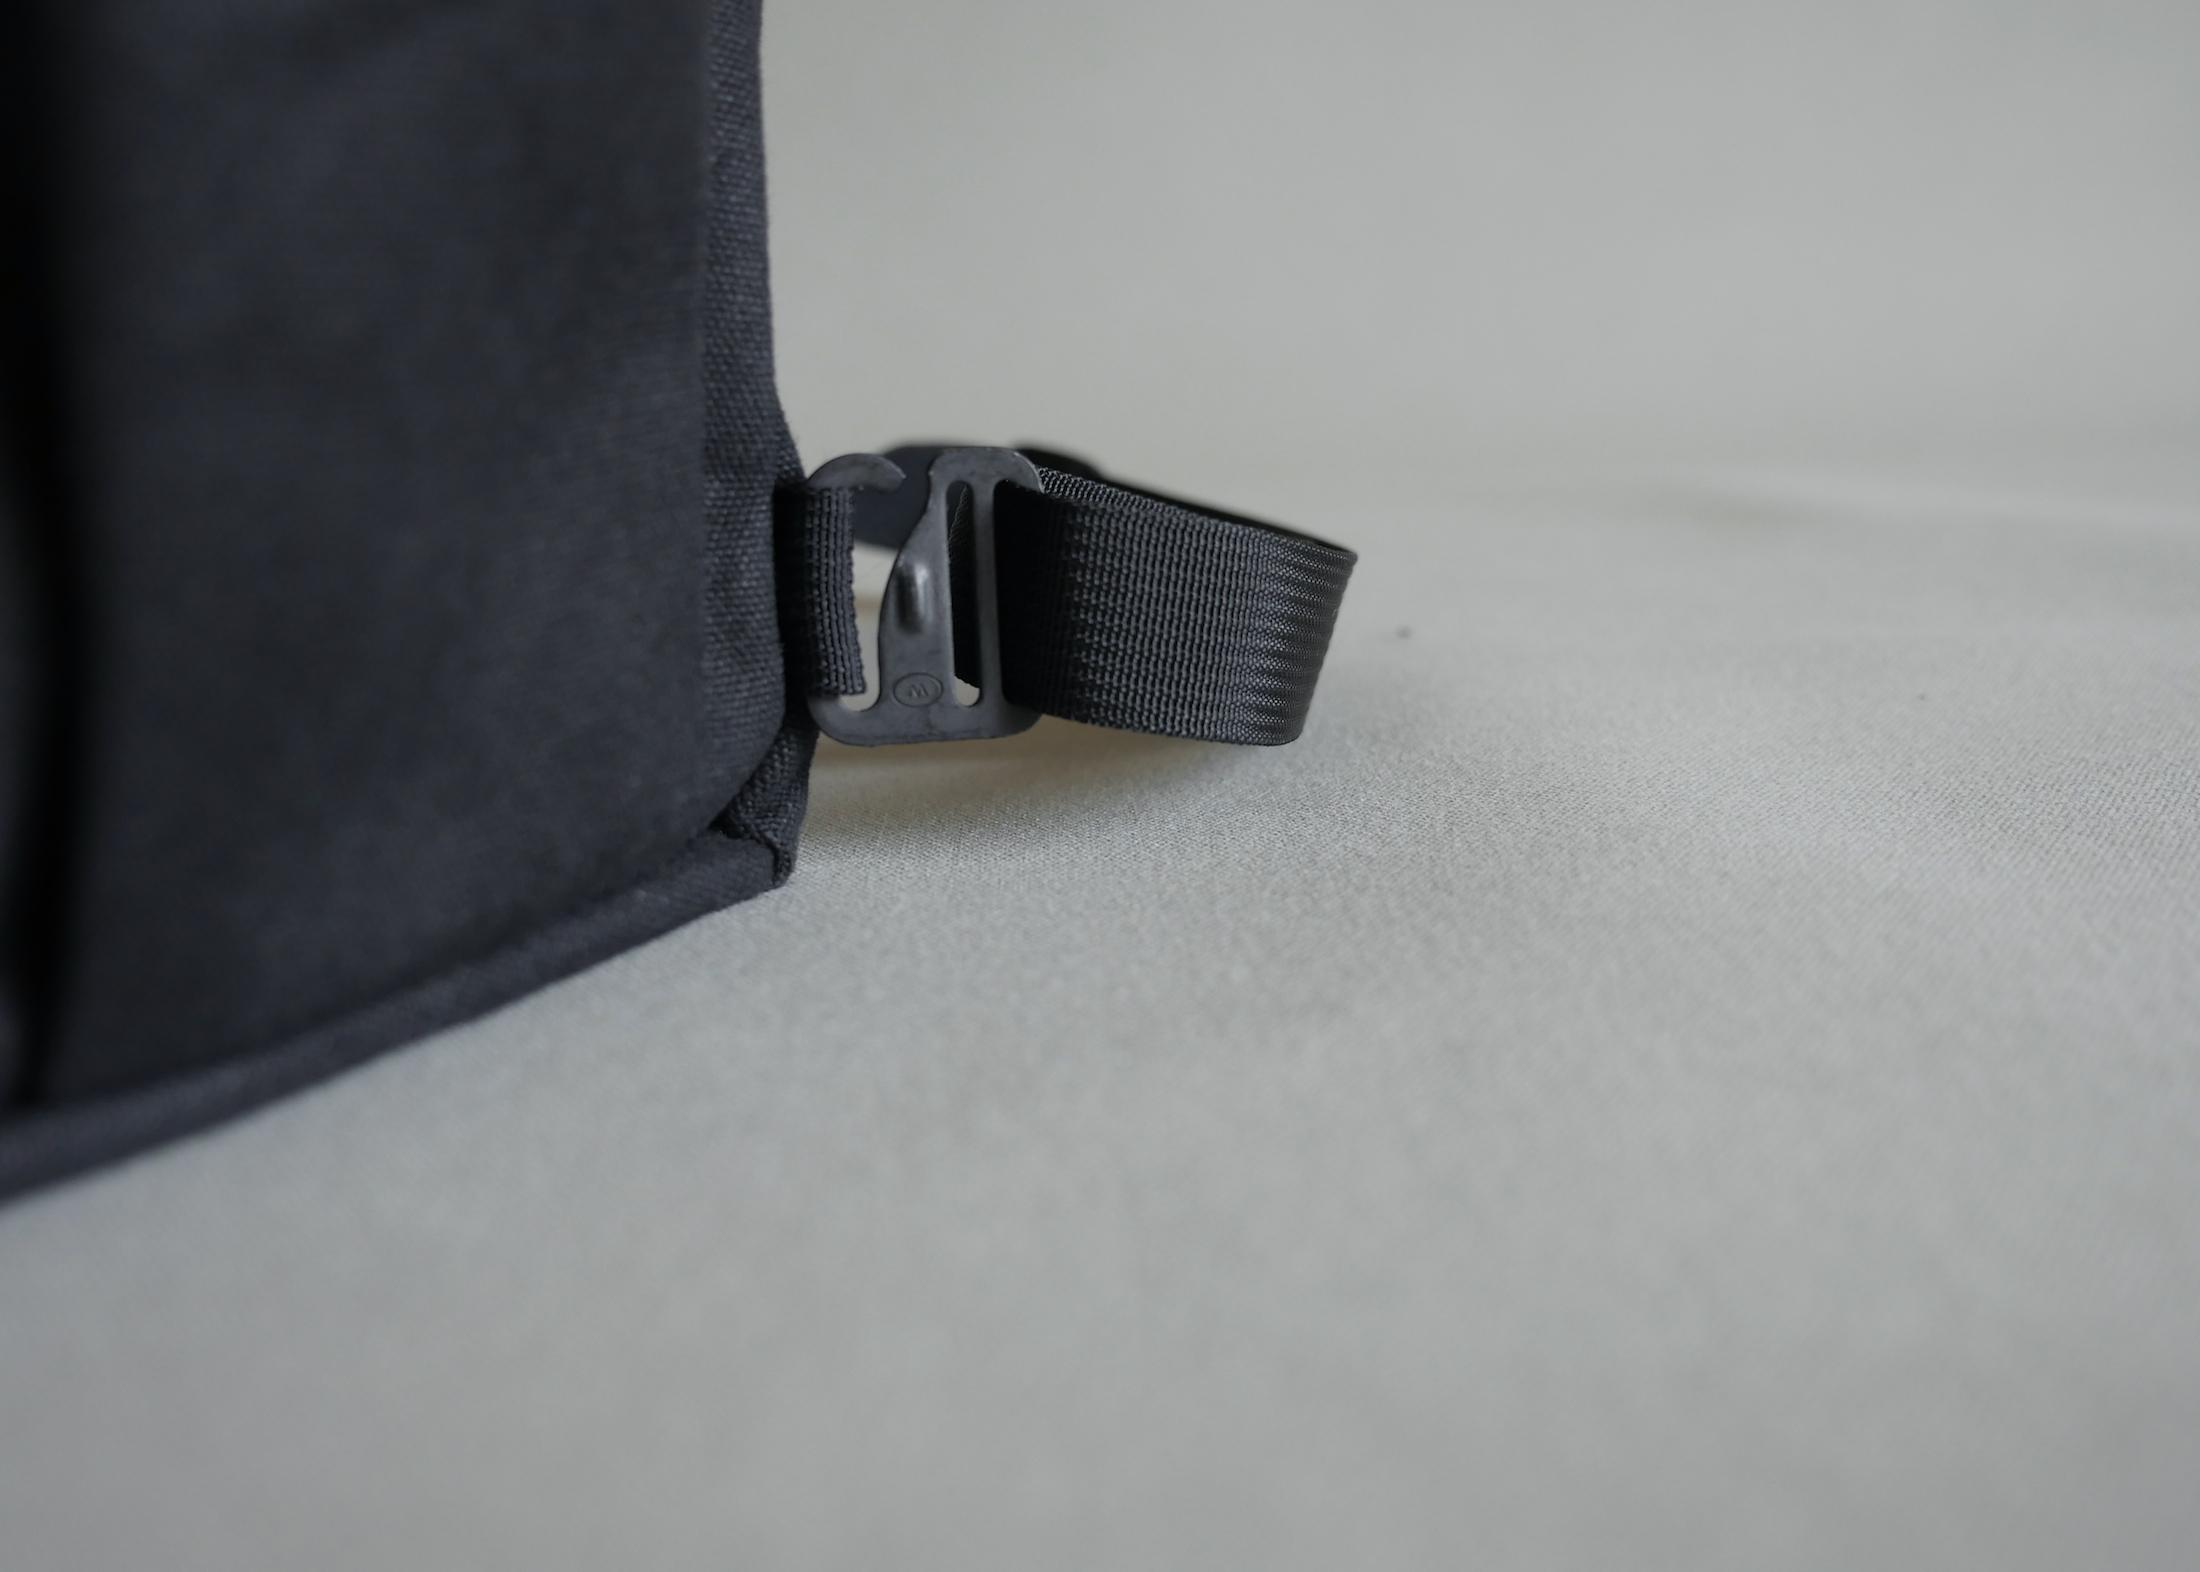 MIL-SPEC webbing, slide and clip that make up the backpack and shoulder straps.